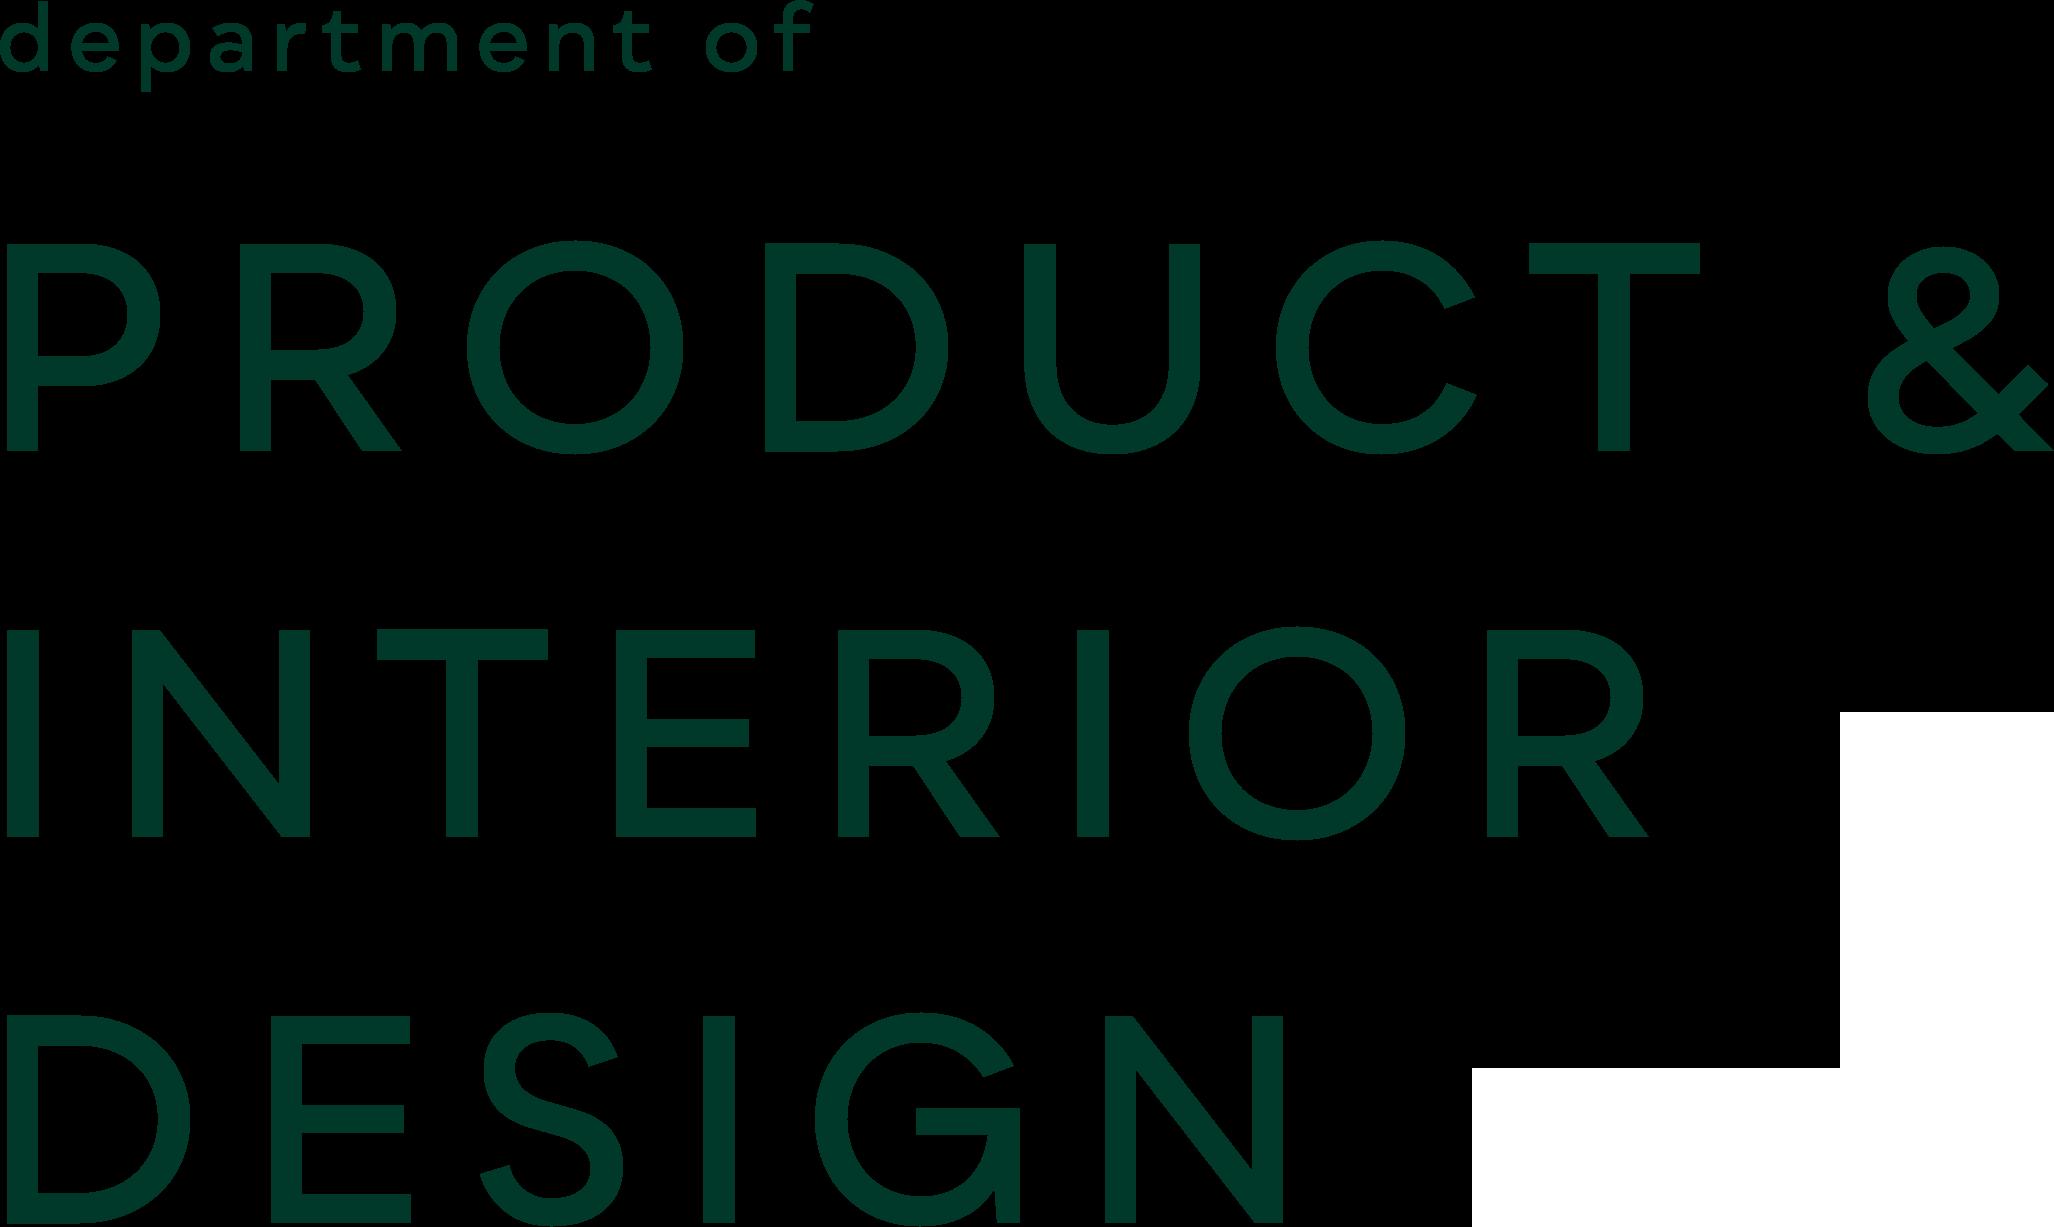 department of PRODUCT & INTERIOR DESIGN